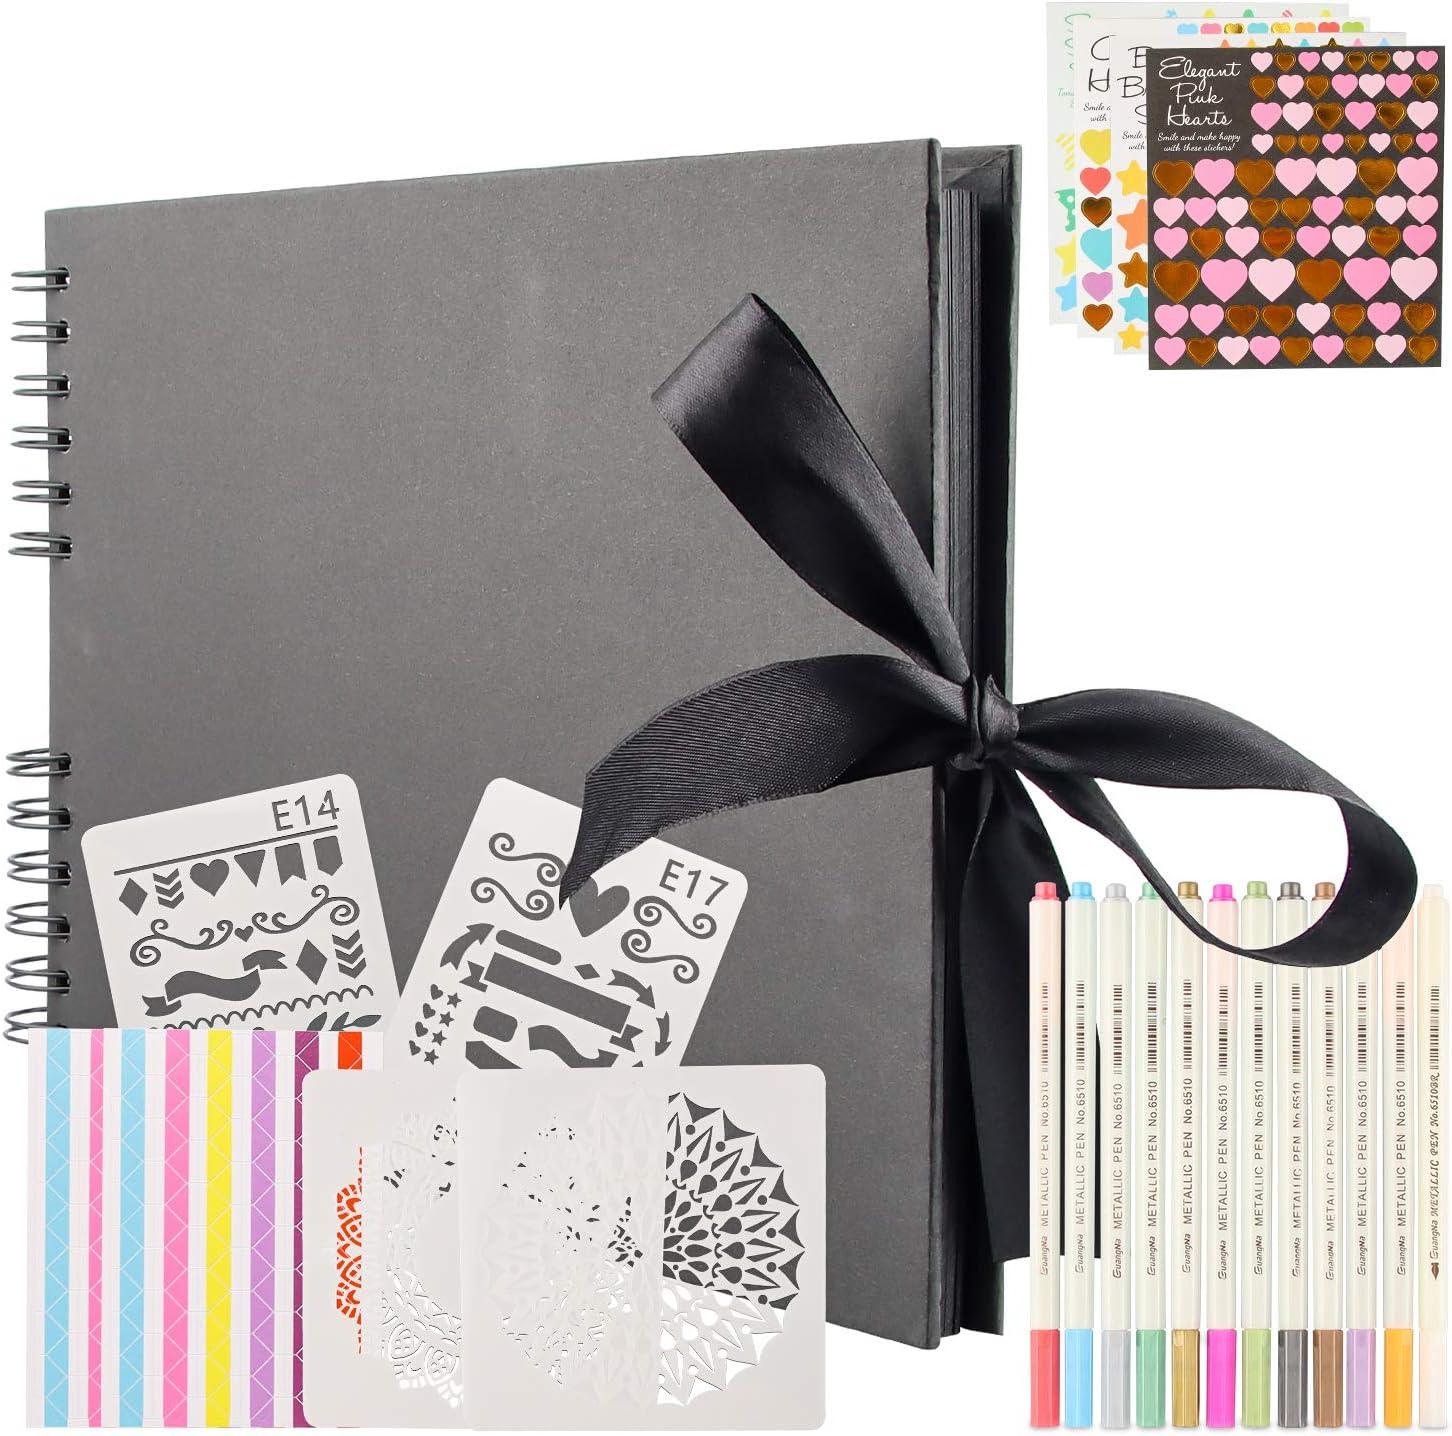 Álbumes de Fotos Scrapbook, Kit de Álbum de Fotos con 80 Páginas Negras (40 Hojas), Álbum de Fotos DIY con Bolígrafo Metálico de 12 Colores, Regalo de Cumpleaños/Aniversario/Boda/Graduación (Negro)